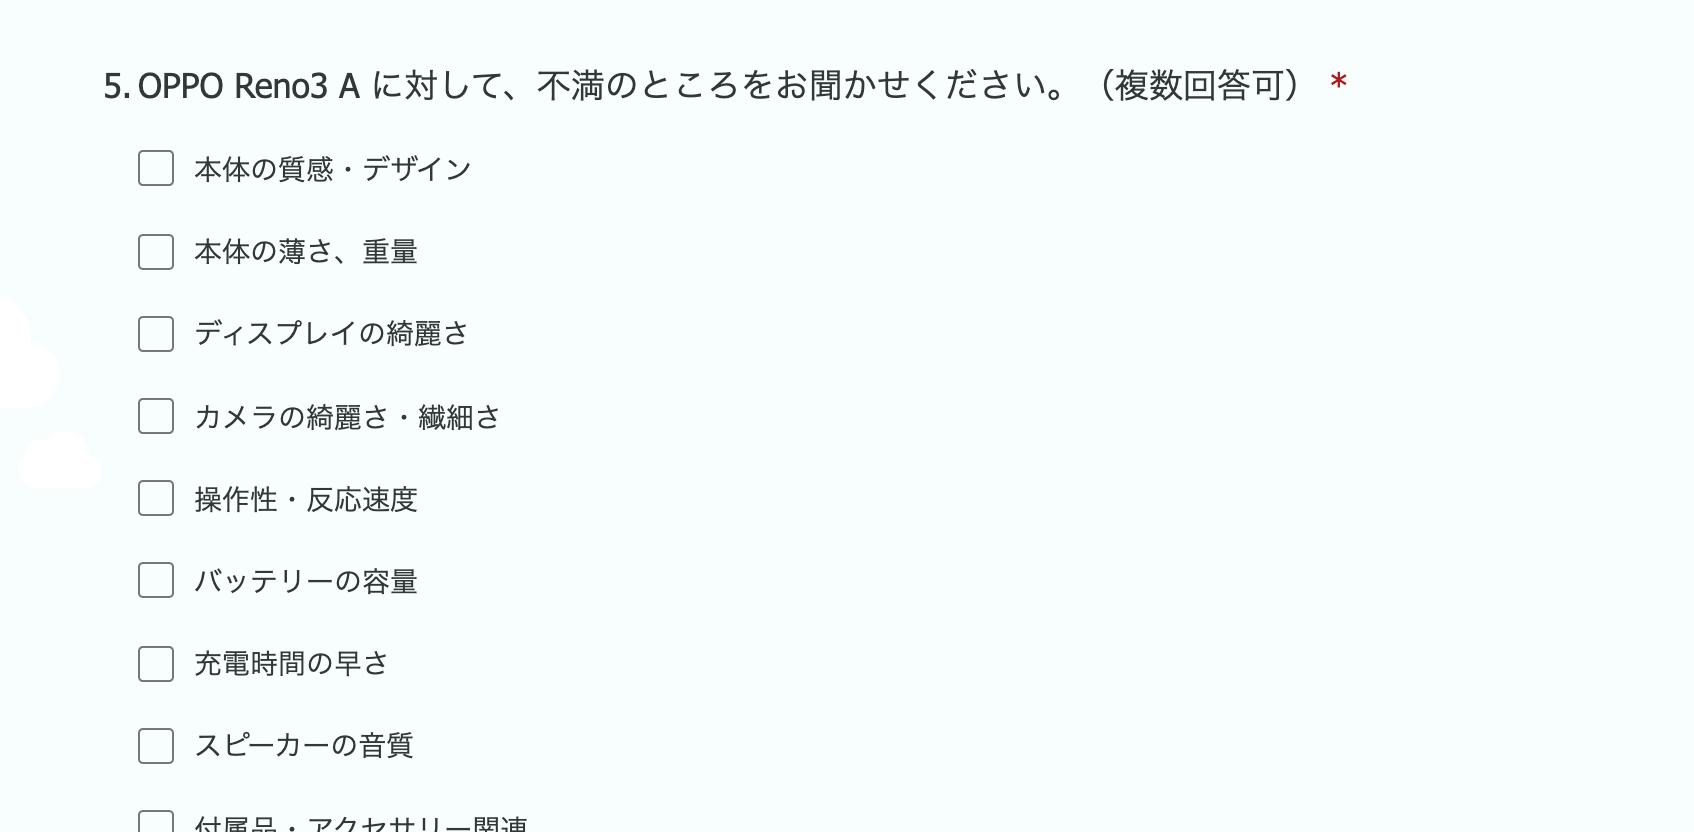 f:id:Azusa_Hirano:20200731112001p:plain